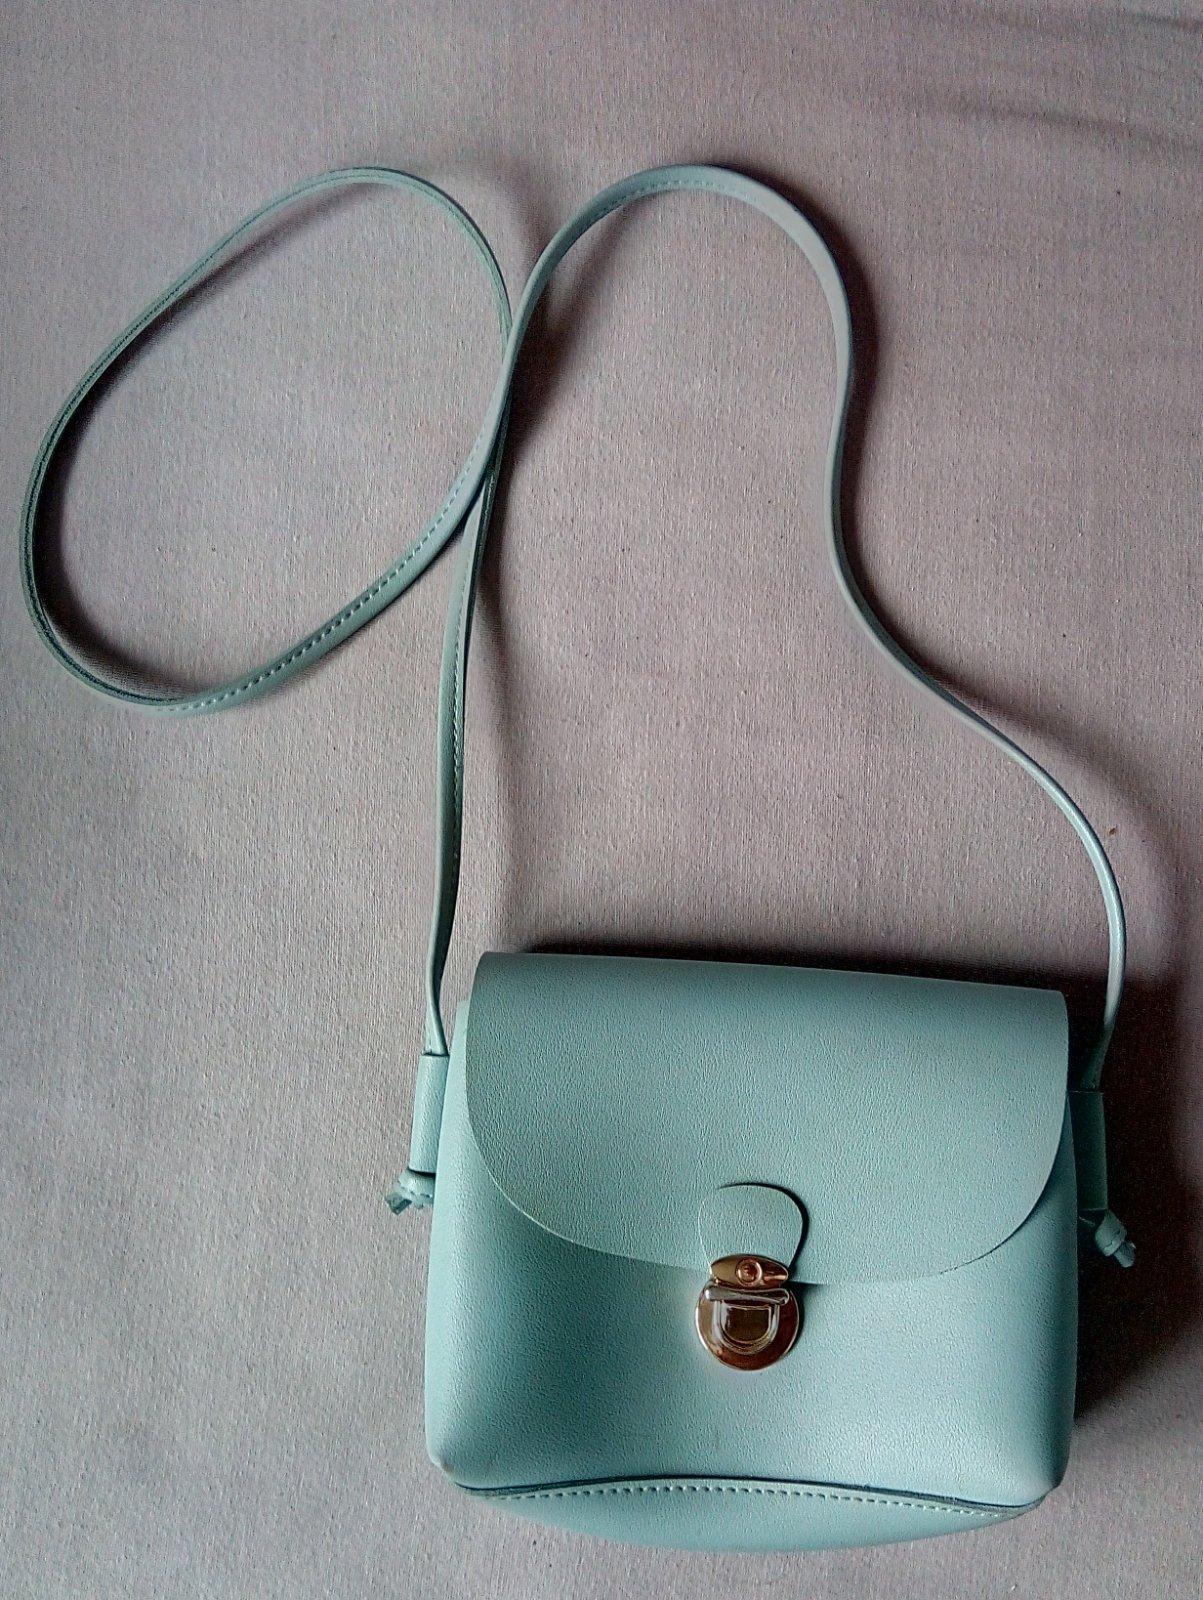 Bledomodrá malá kabelka CCC - Obrázok č. 1